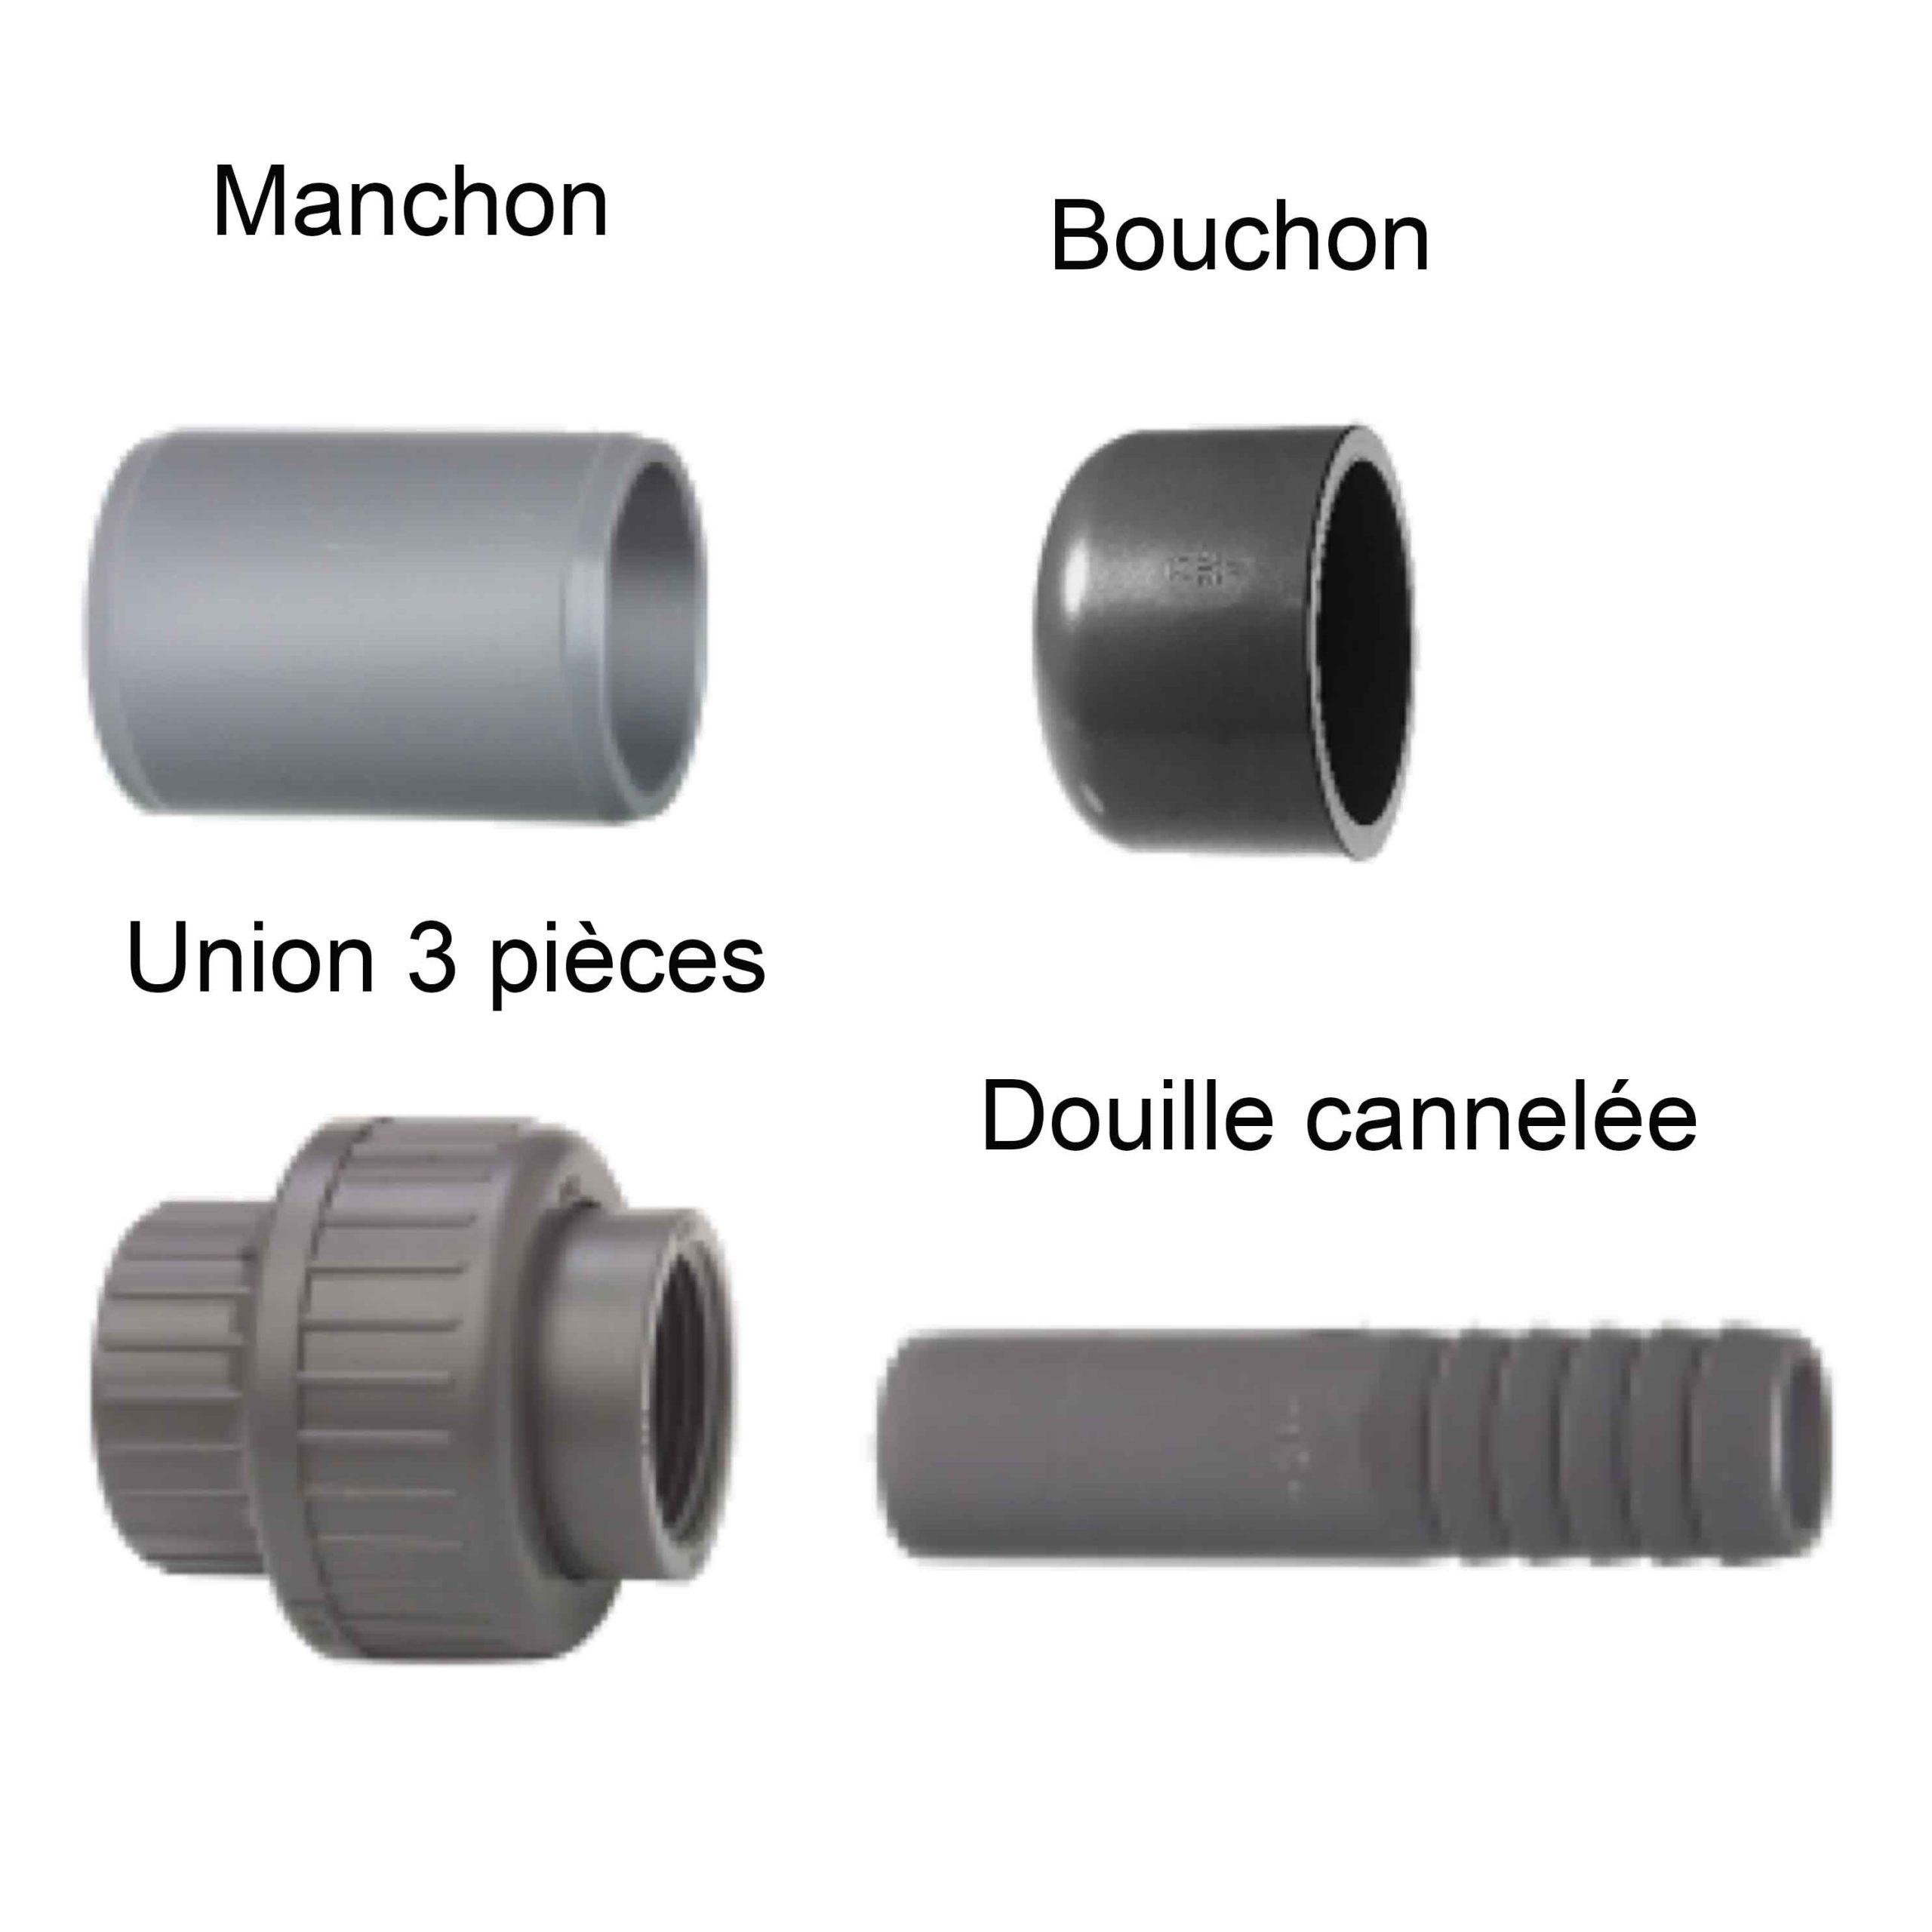 MANCHON_BOUCHON_UNION_3_PIECES_DOUILLE_CANNELEE_RACCORDS_PVC_PRESSION_GRIS_FONCE_A_COLLER_REF_5825_BSB_CAOUTCHOUCS_PLASTIQUES